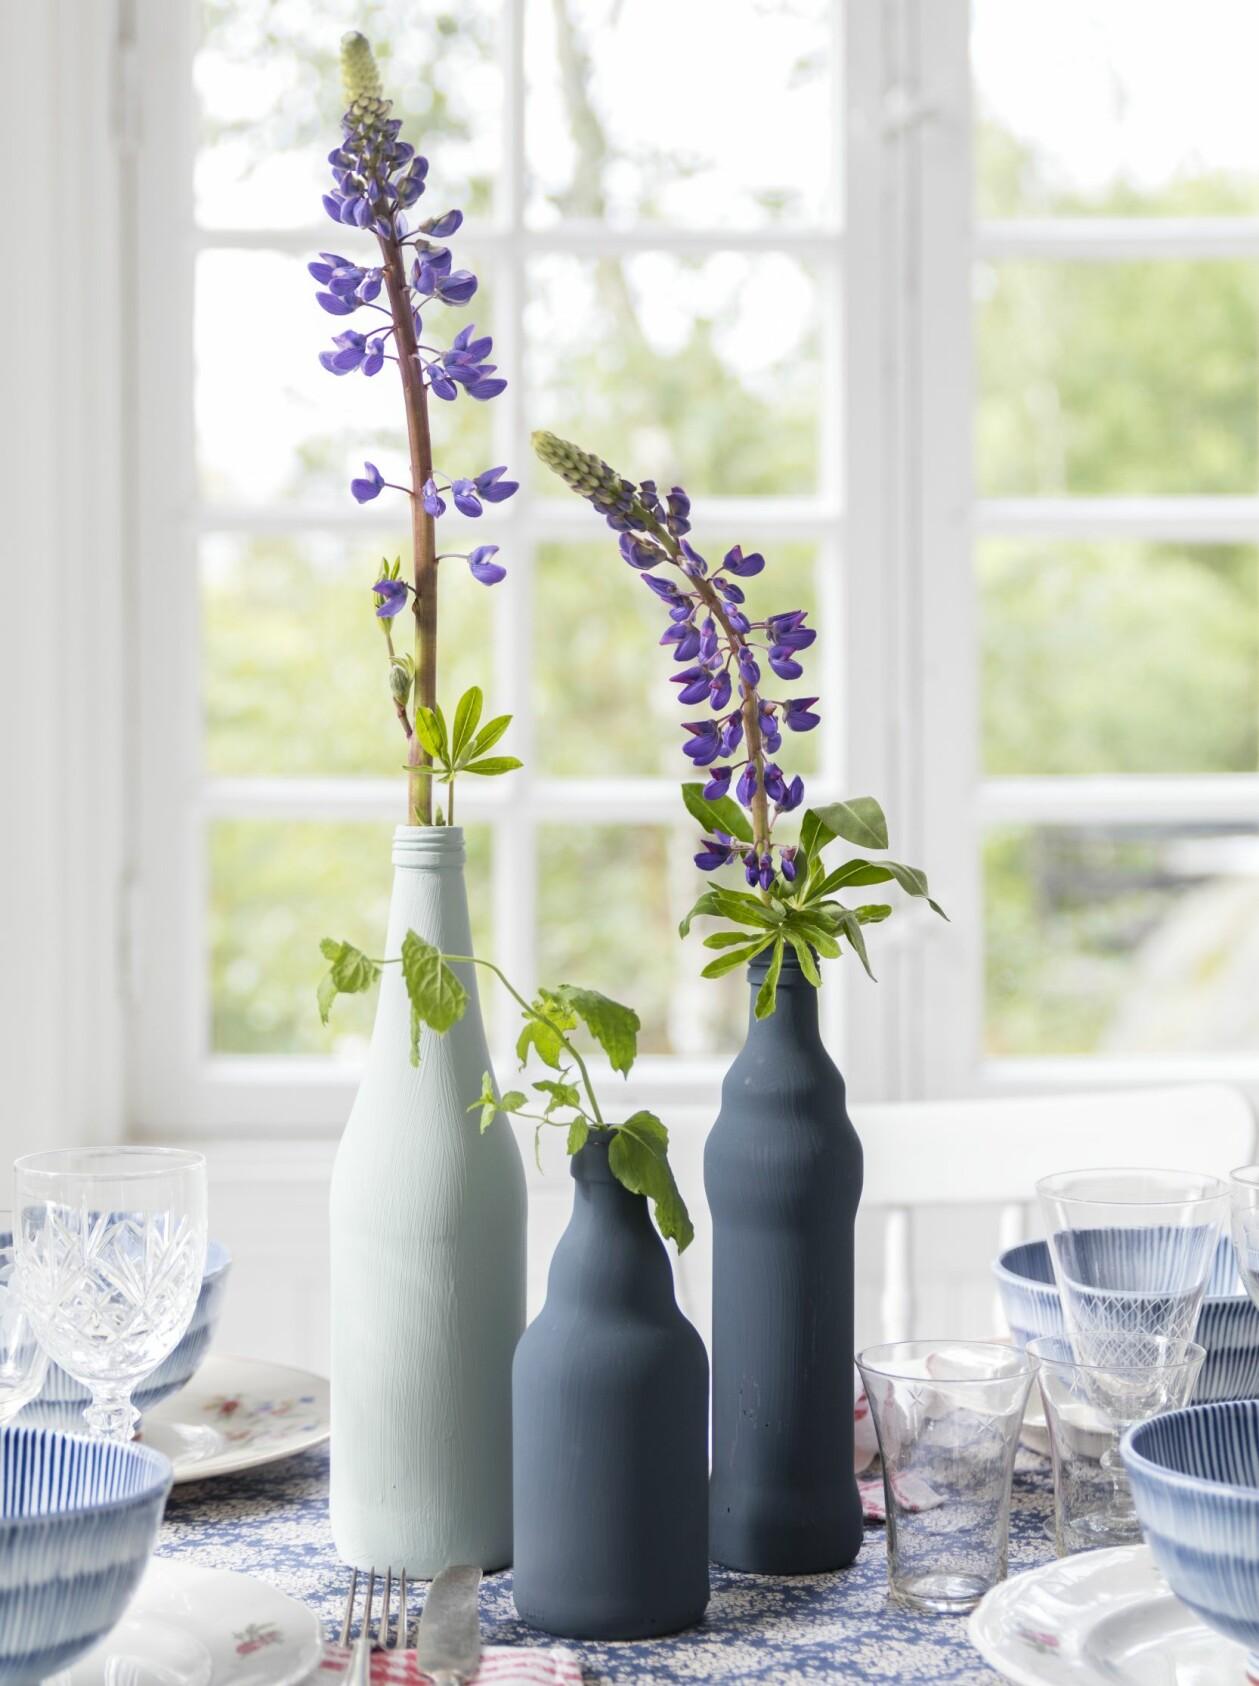 Blåmålade flaskor på ett köksbord